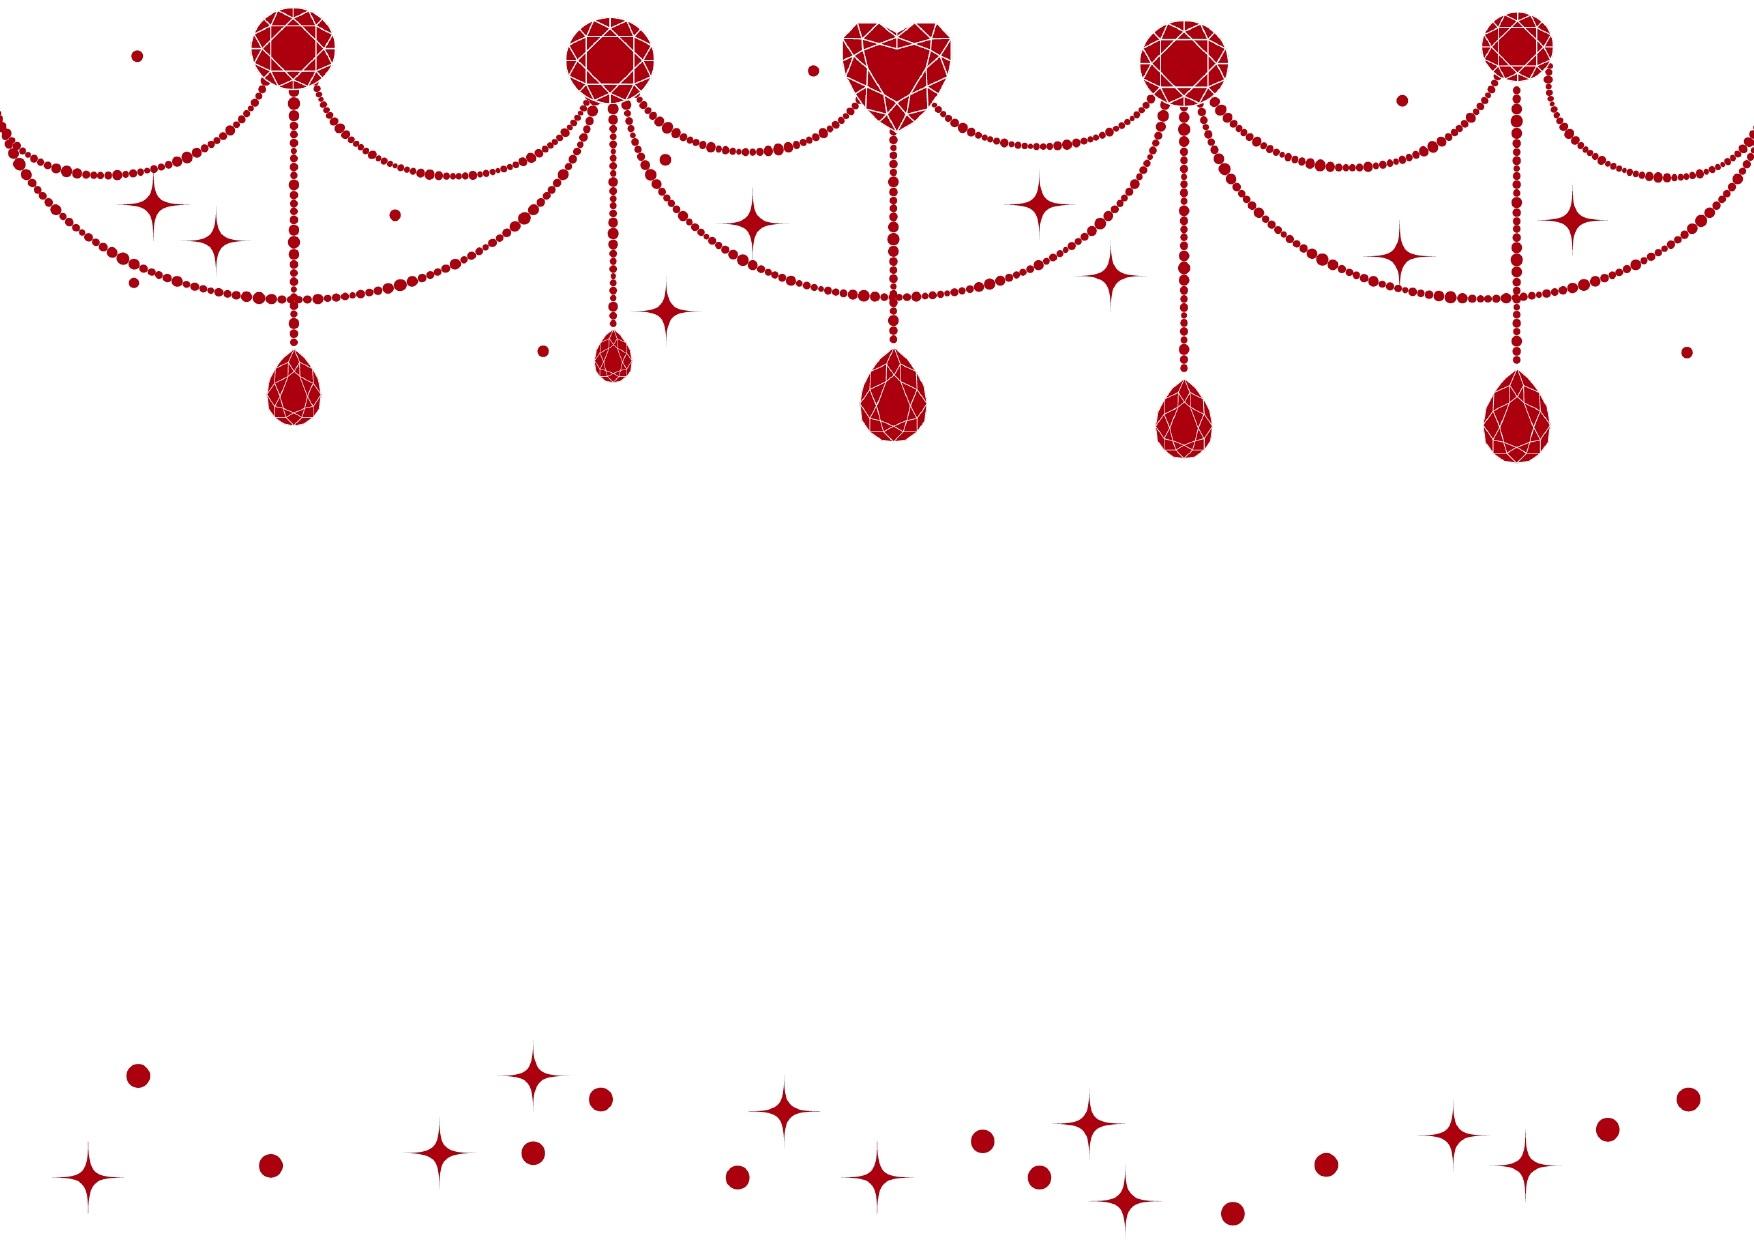 背景が白色と赤色のジュエル「宝石」のキラキラ!フレーム